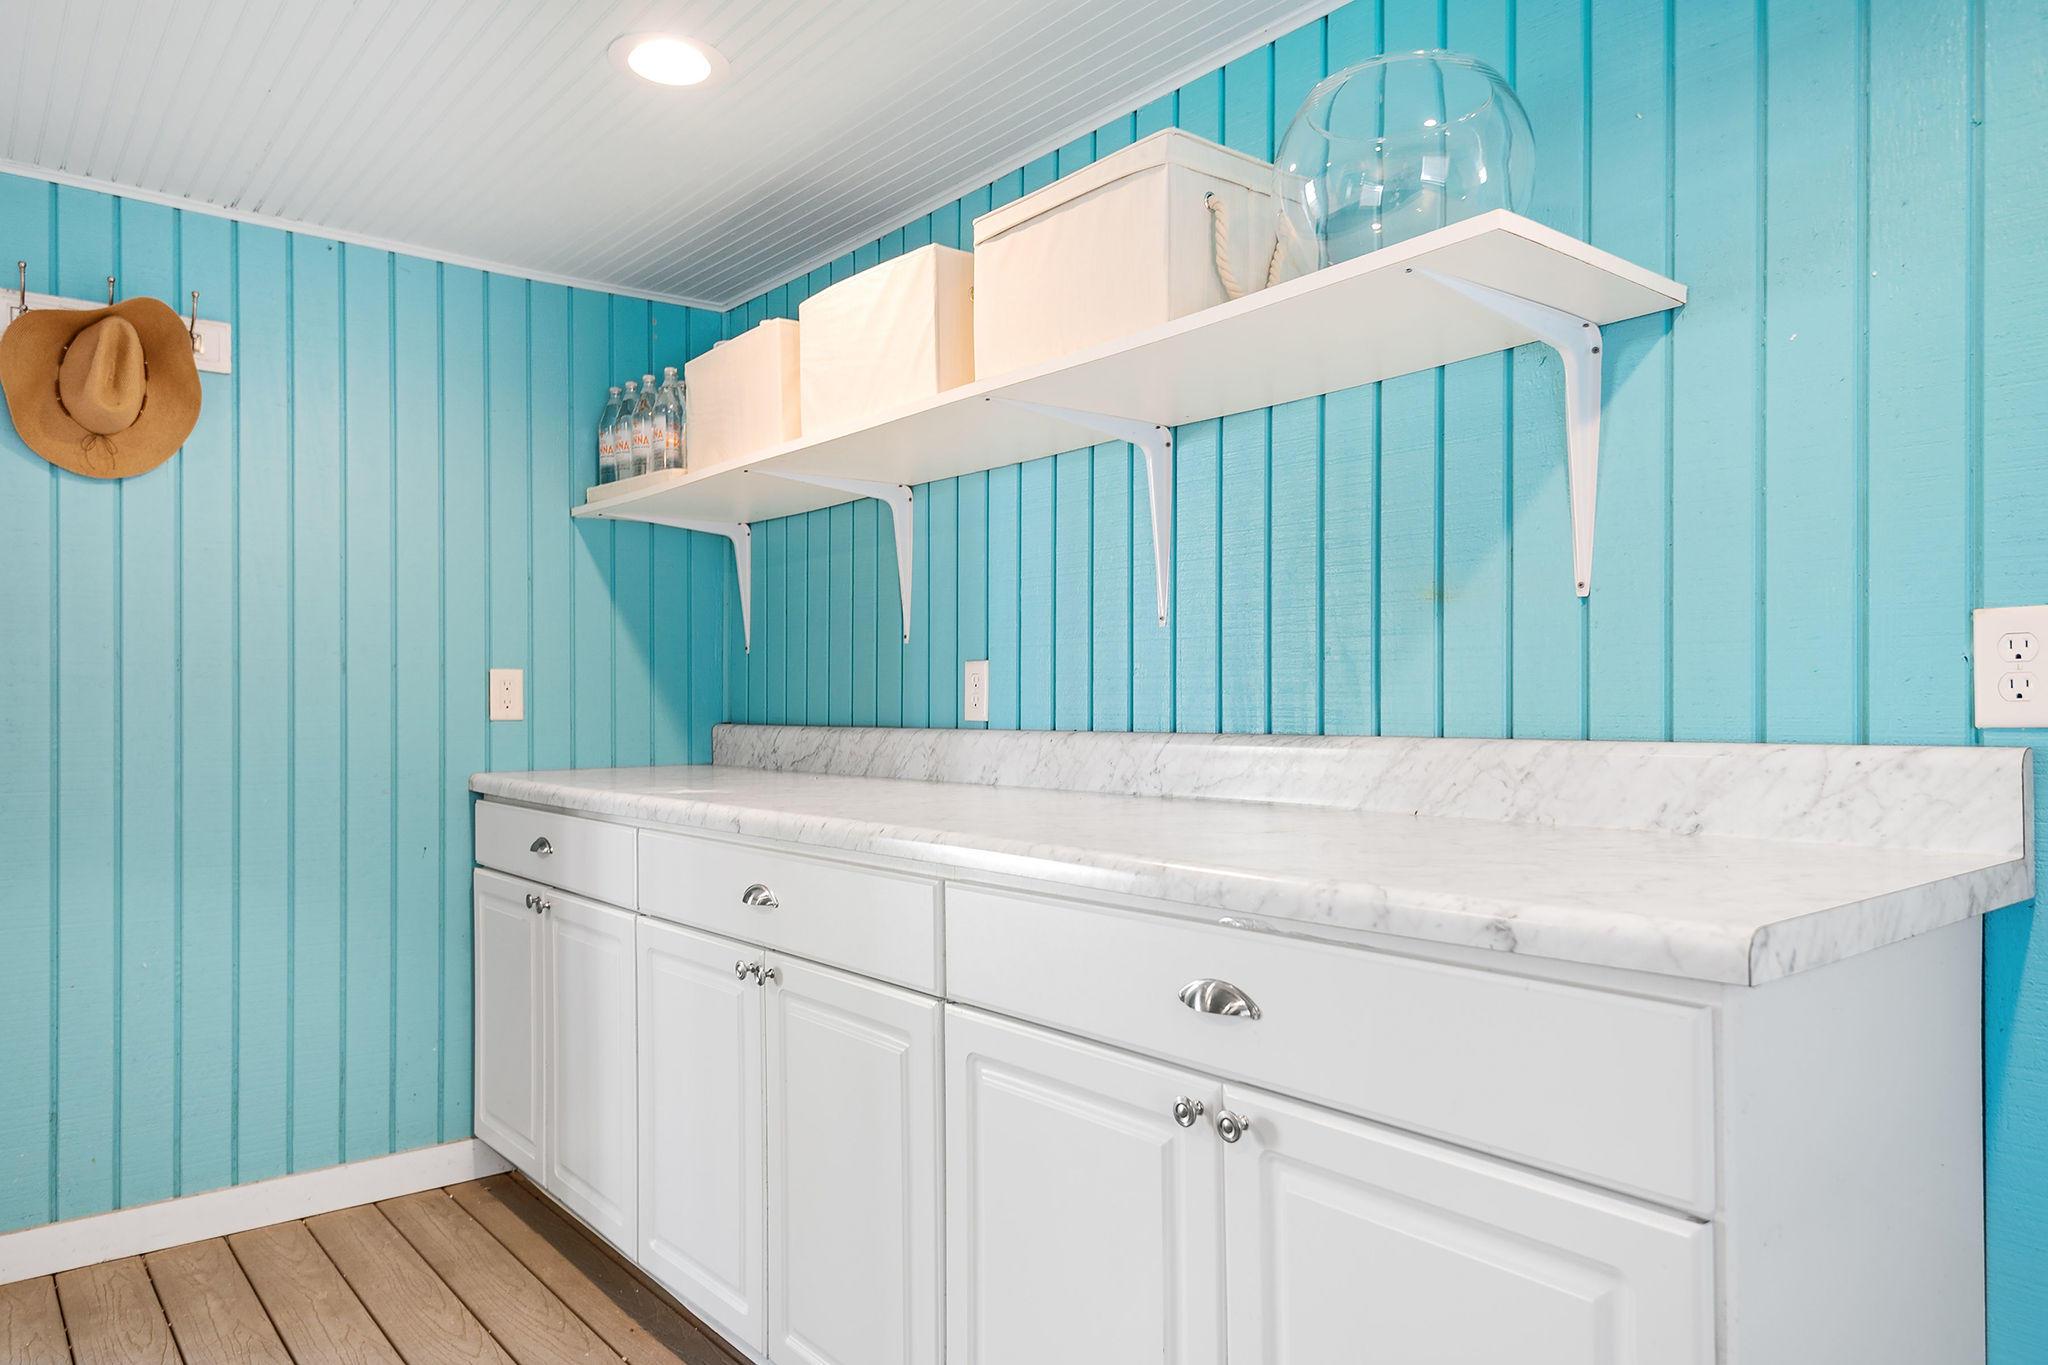 Folly Beach Homes For Sale - 509 Ashley, Folly Beach, SC - 74